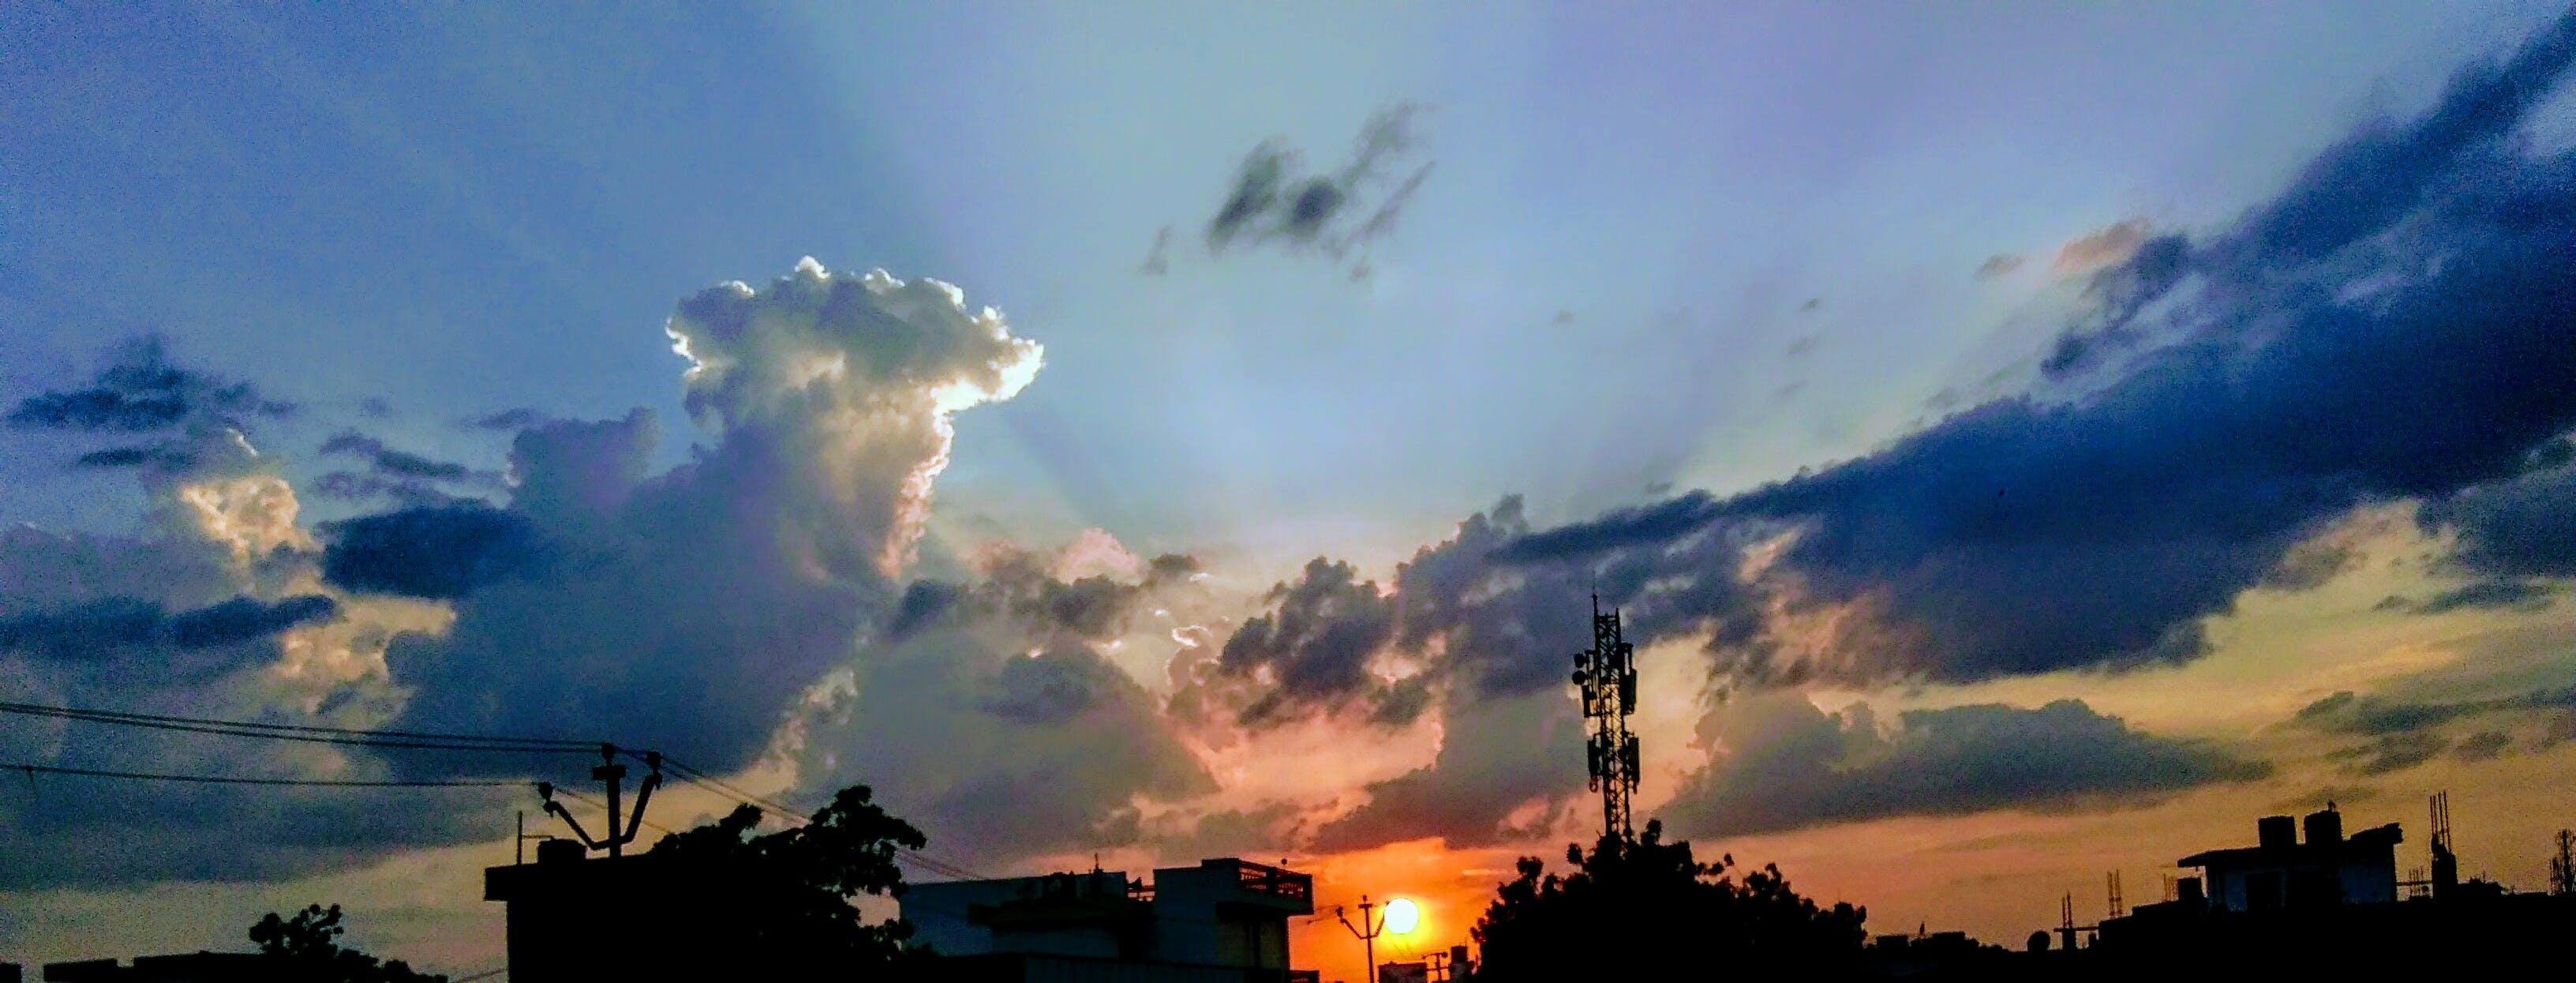 Fotos de stock gratuitas de amanecer, cielo, escénico, ligero